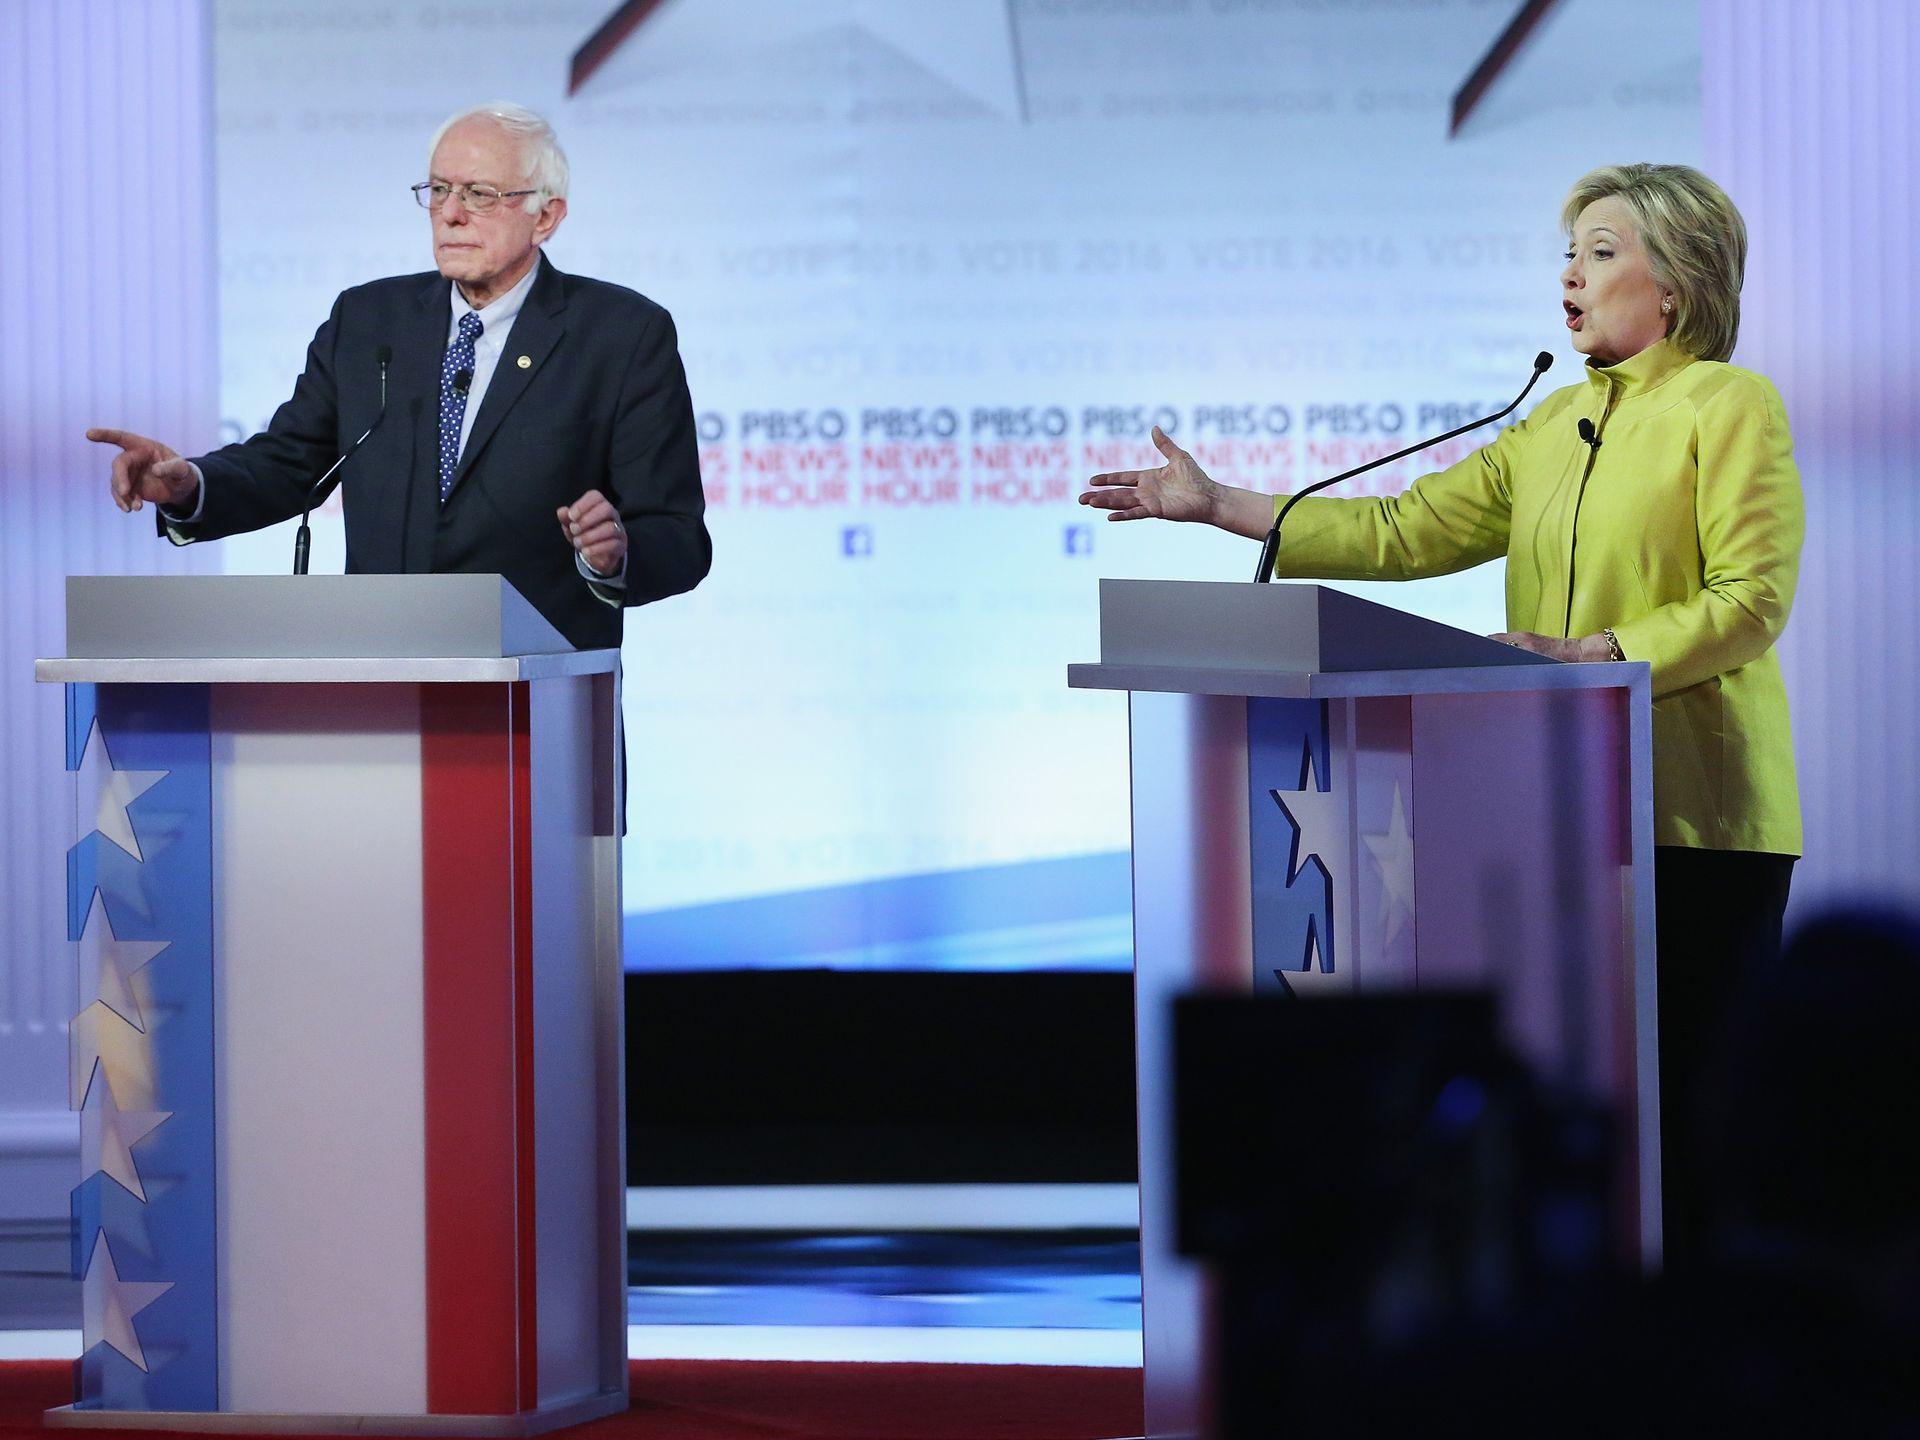 demdebate_Win McNamee, Getty Images